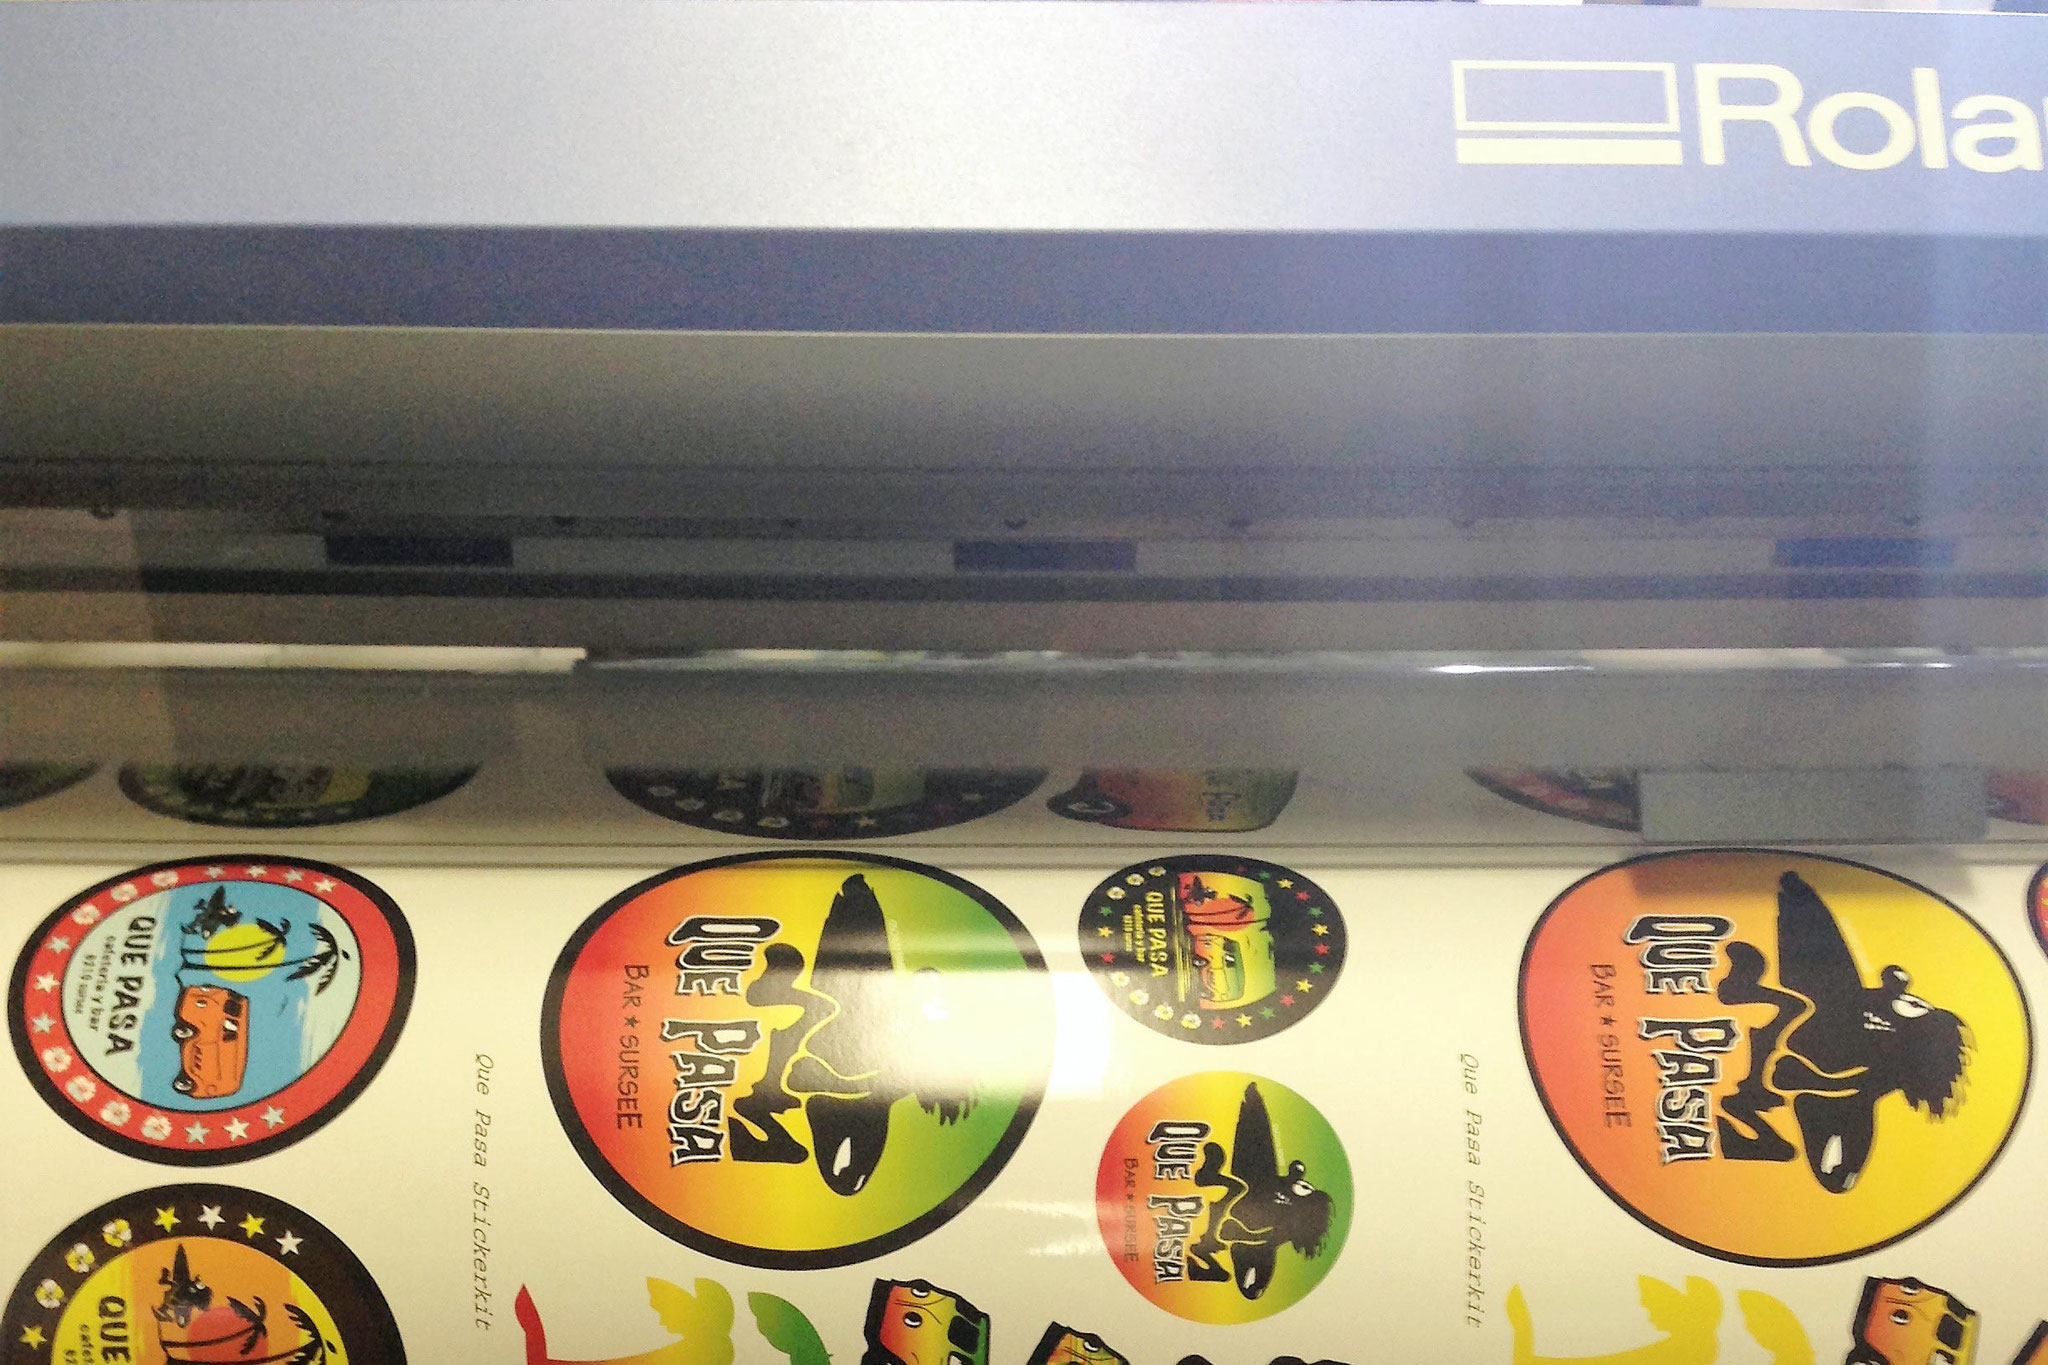 Aufkleber in unserer Druckmaschine